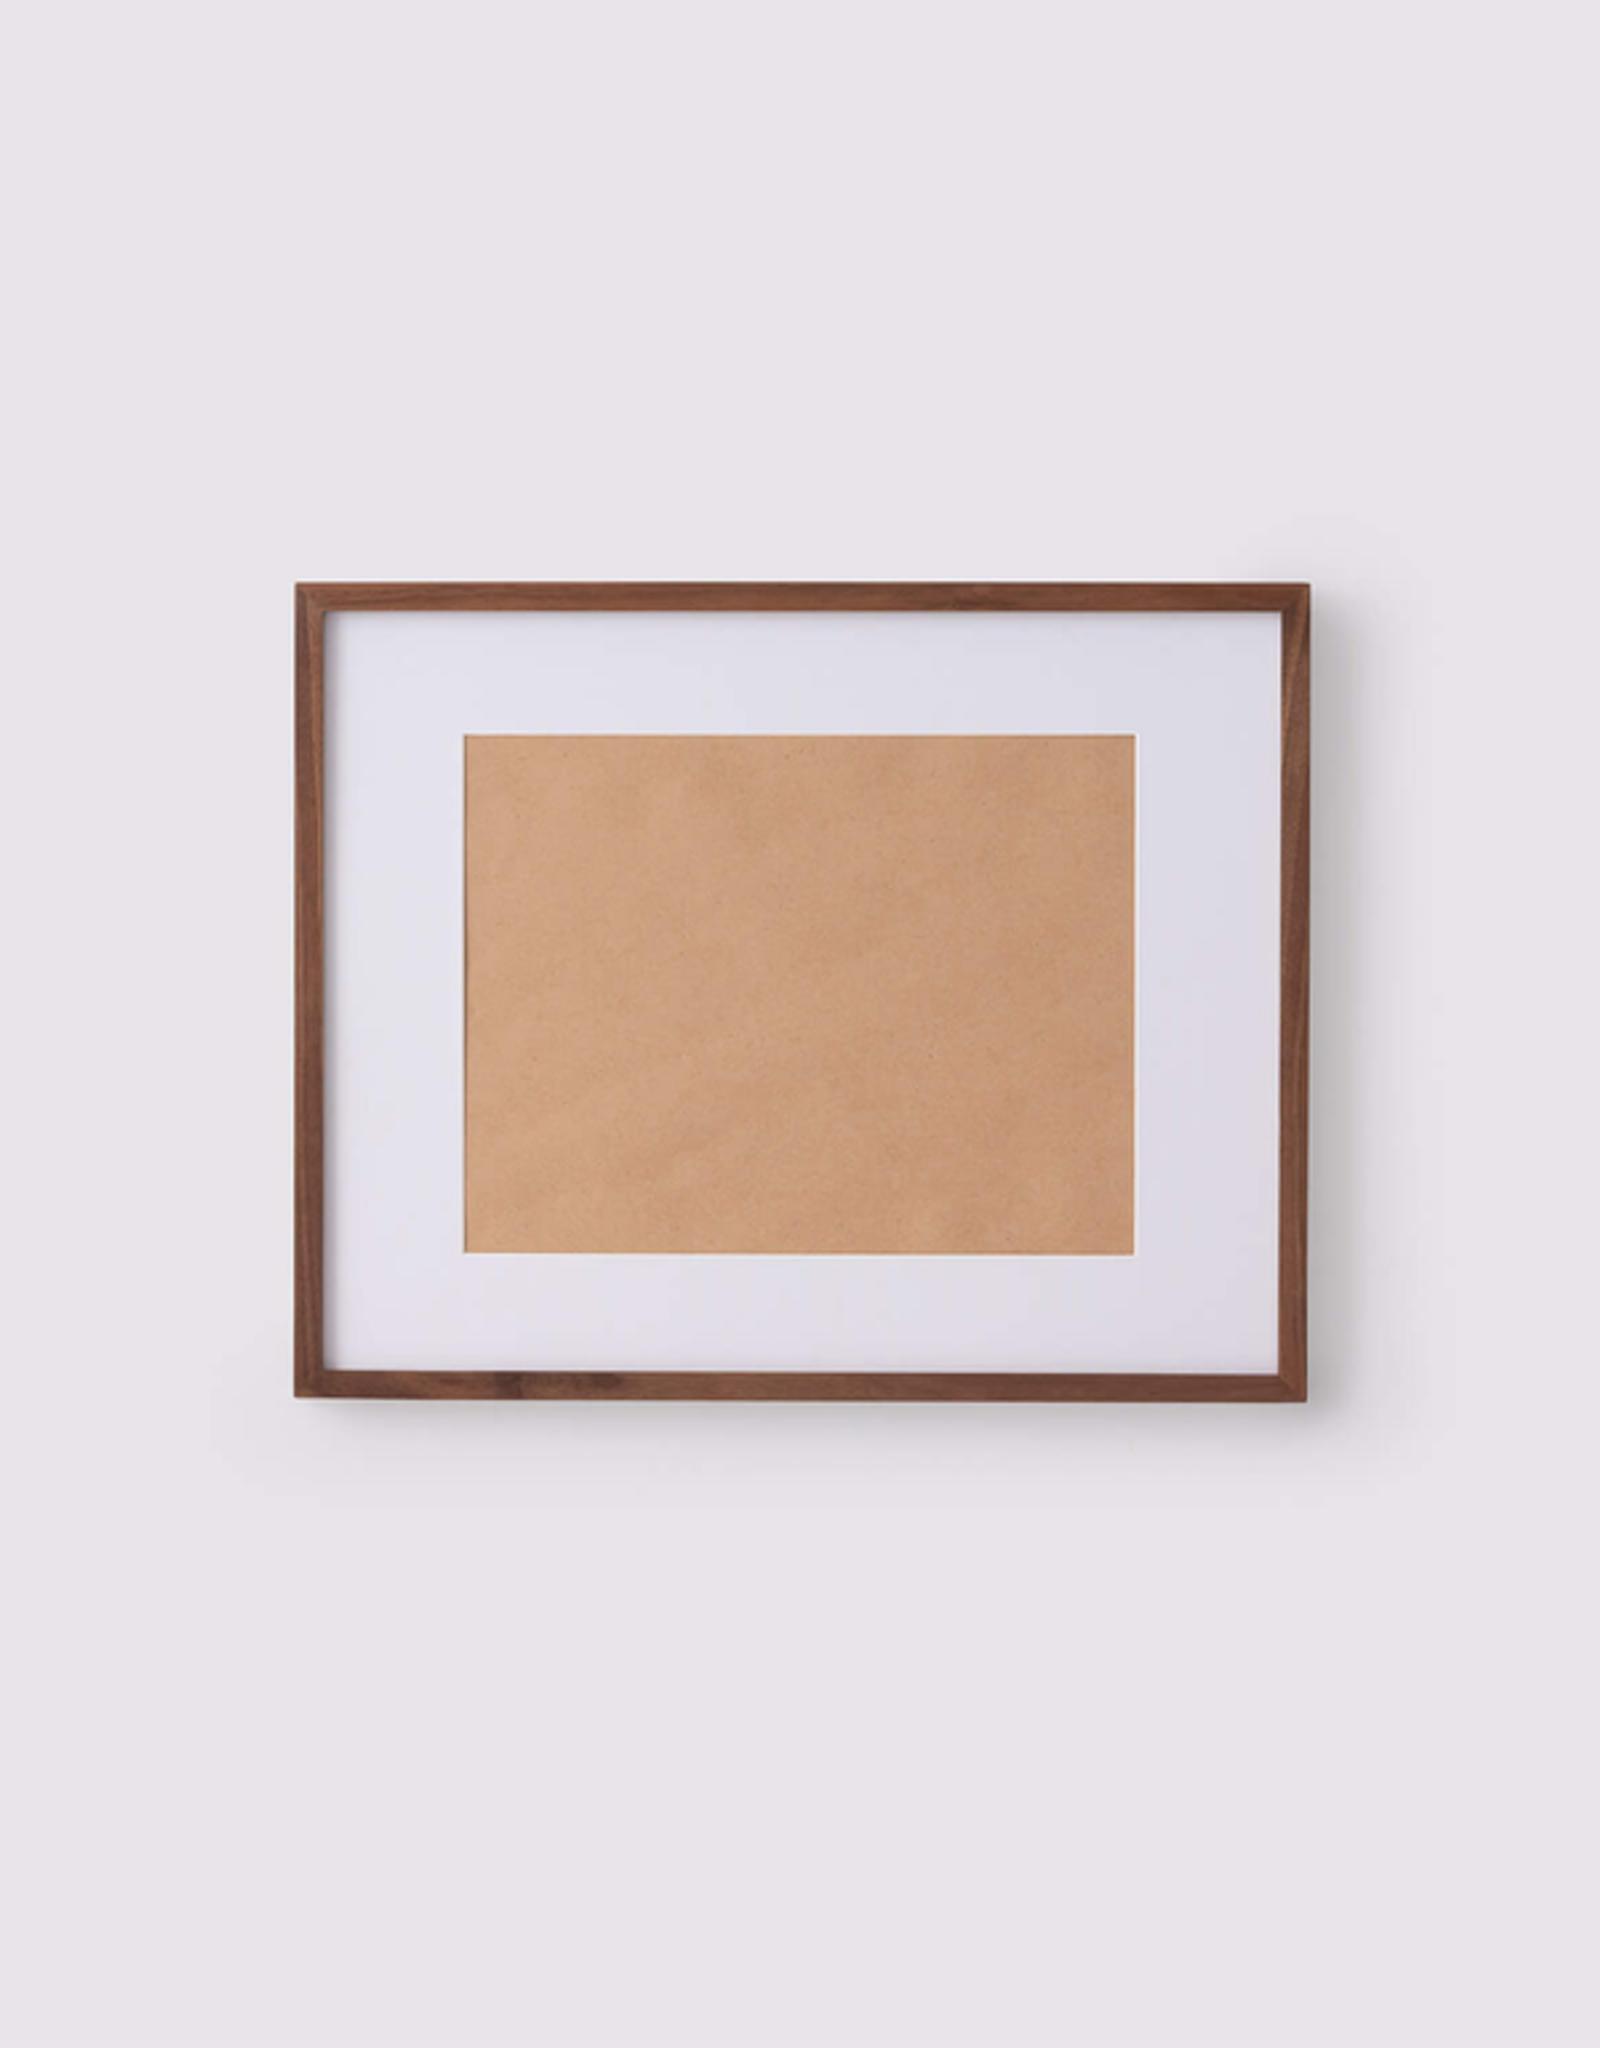 EQ3 Basel Frame-Walnut Large